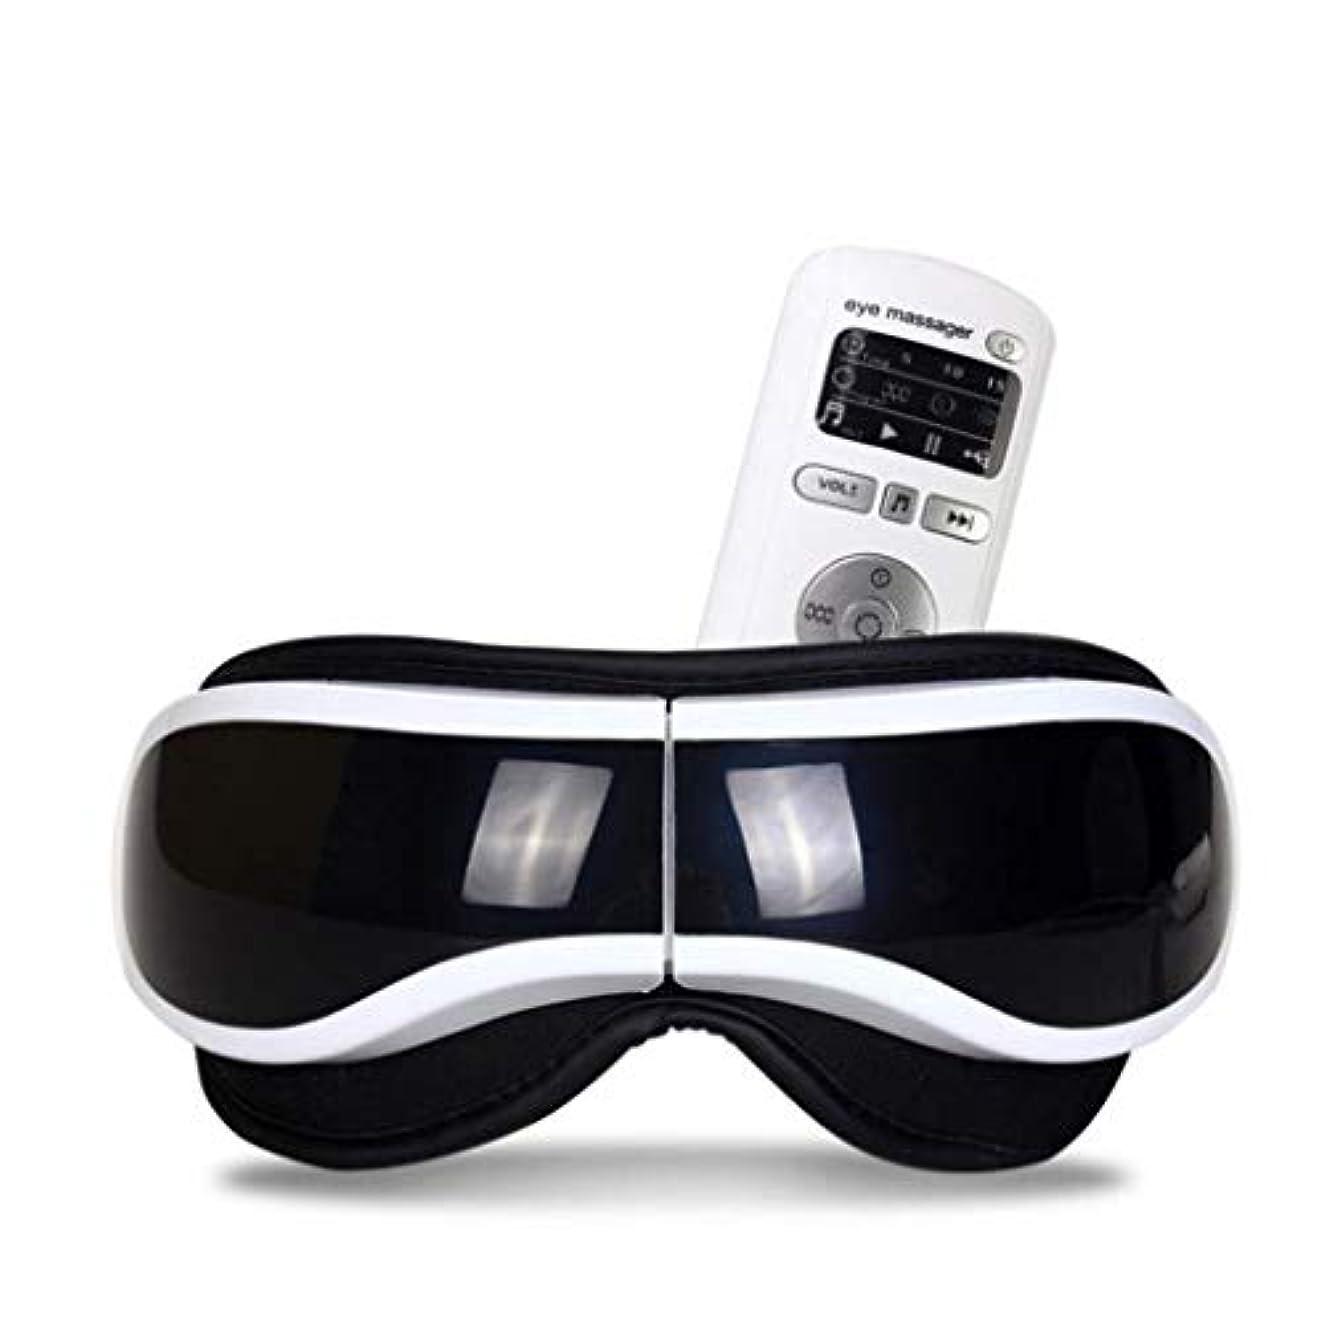 アイマッサージャー、折りたたみ式ポータブルUSB充電ワイヤレスエレクトリック、プレスニーディング/加熱/圧縮/振動/音楽マルチモード、目をリラックス、疲労と痛みを和らげ、睡眠を促進